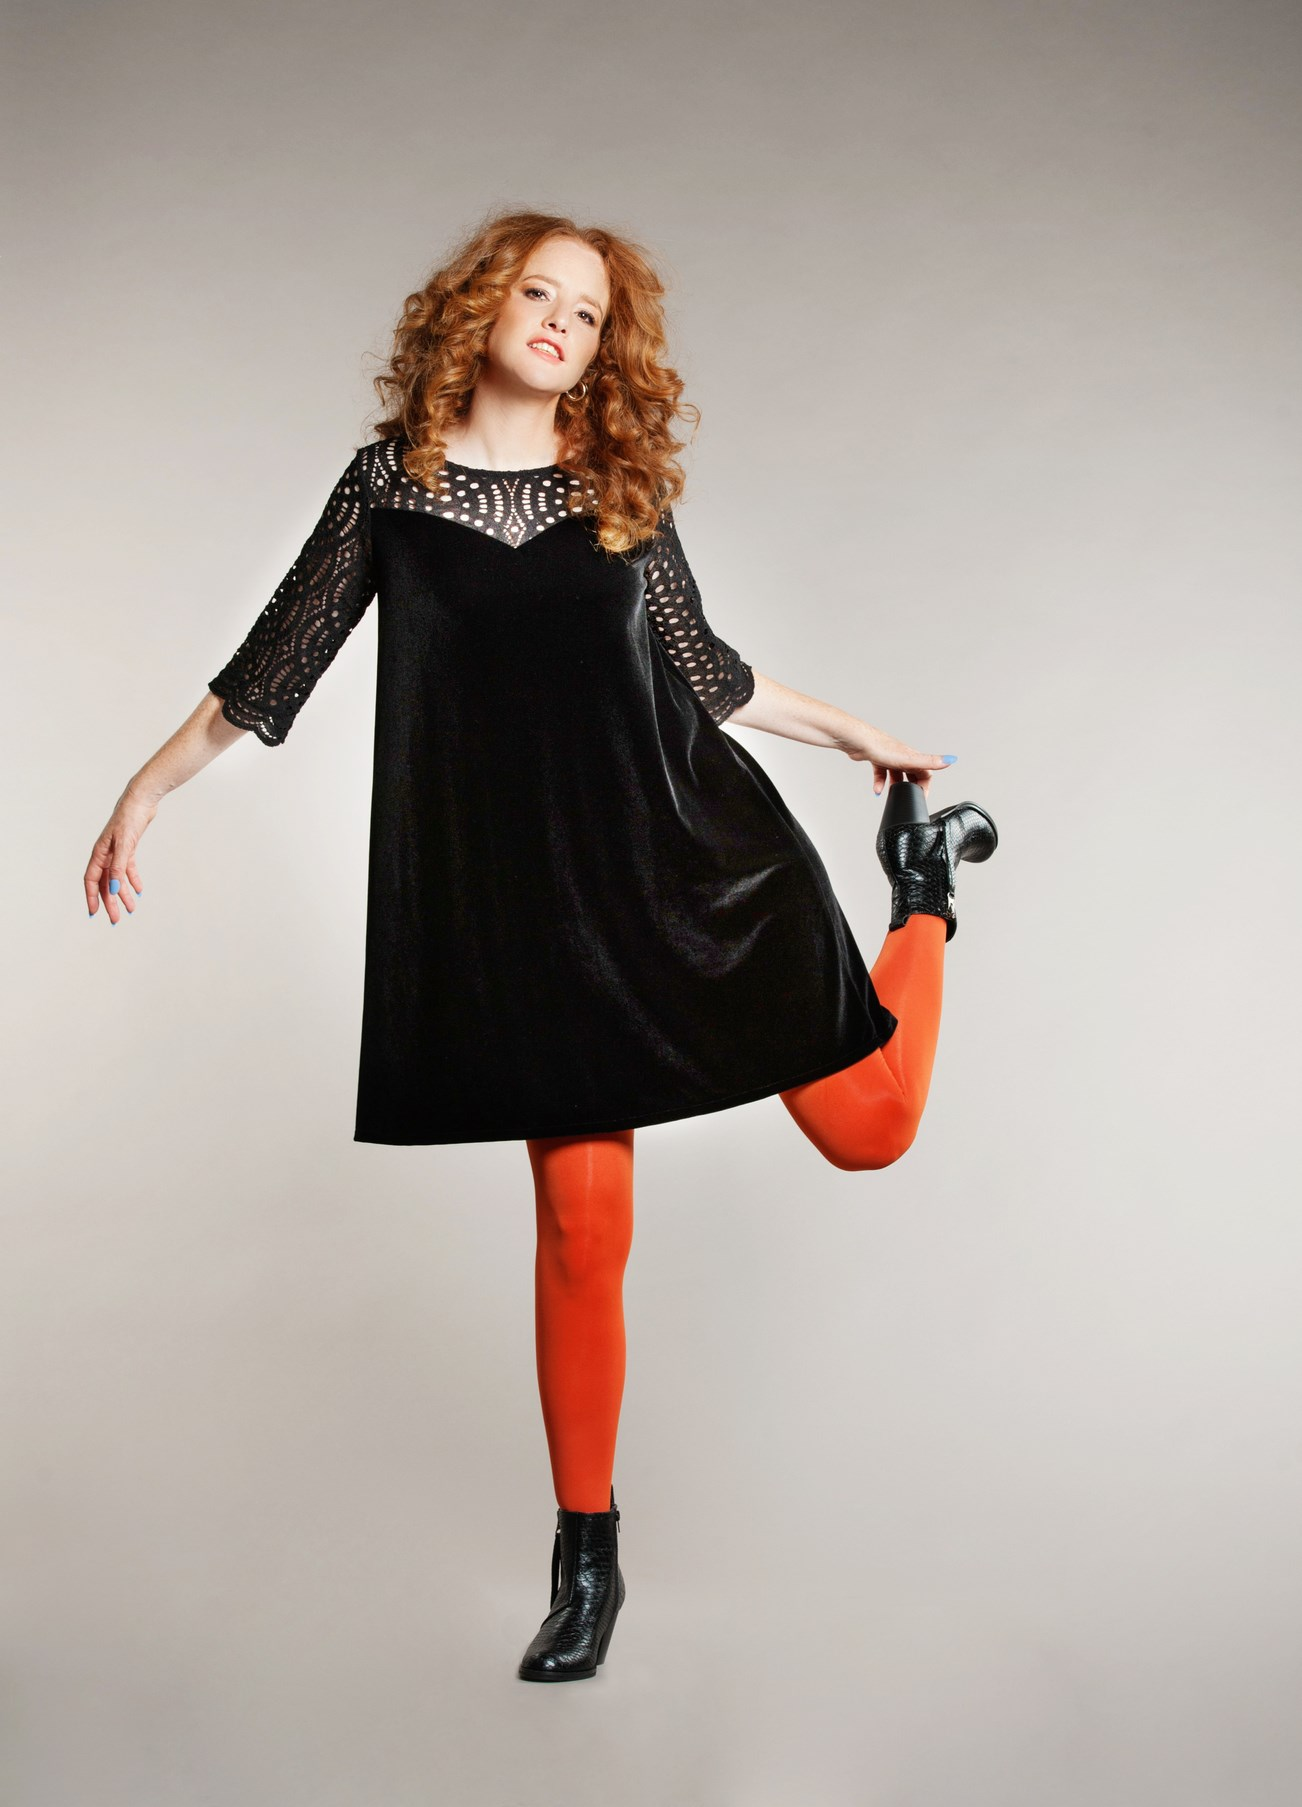 טלי אימבר שמלה 599 שח צילום גלית דויטש.jpg